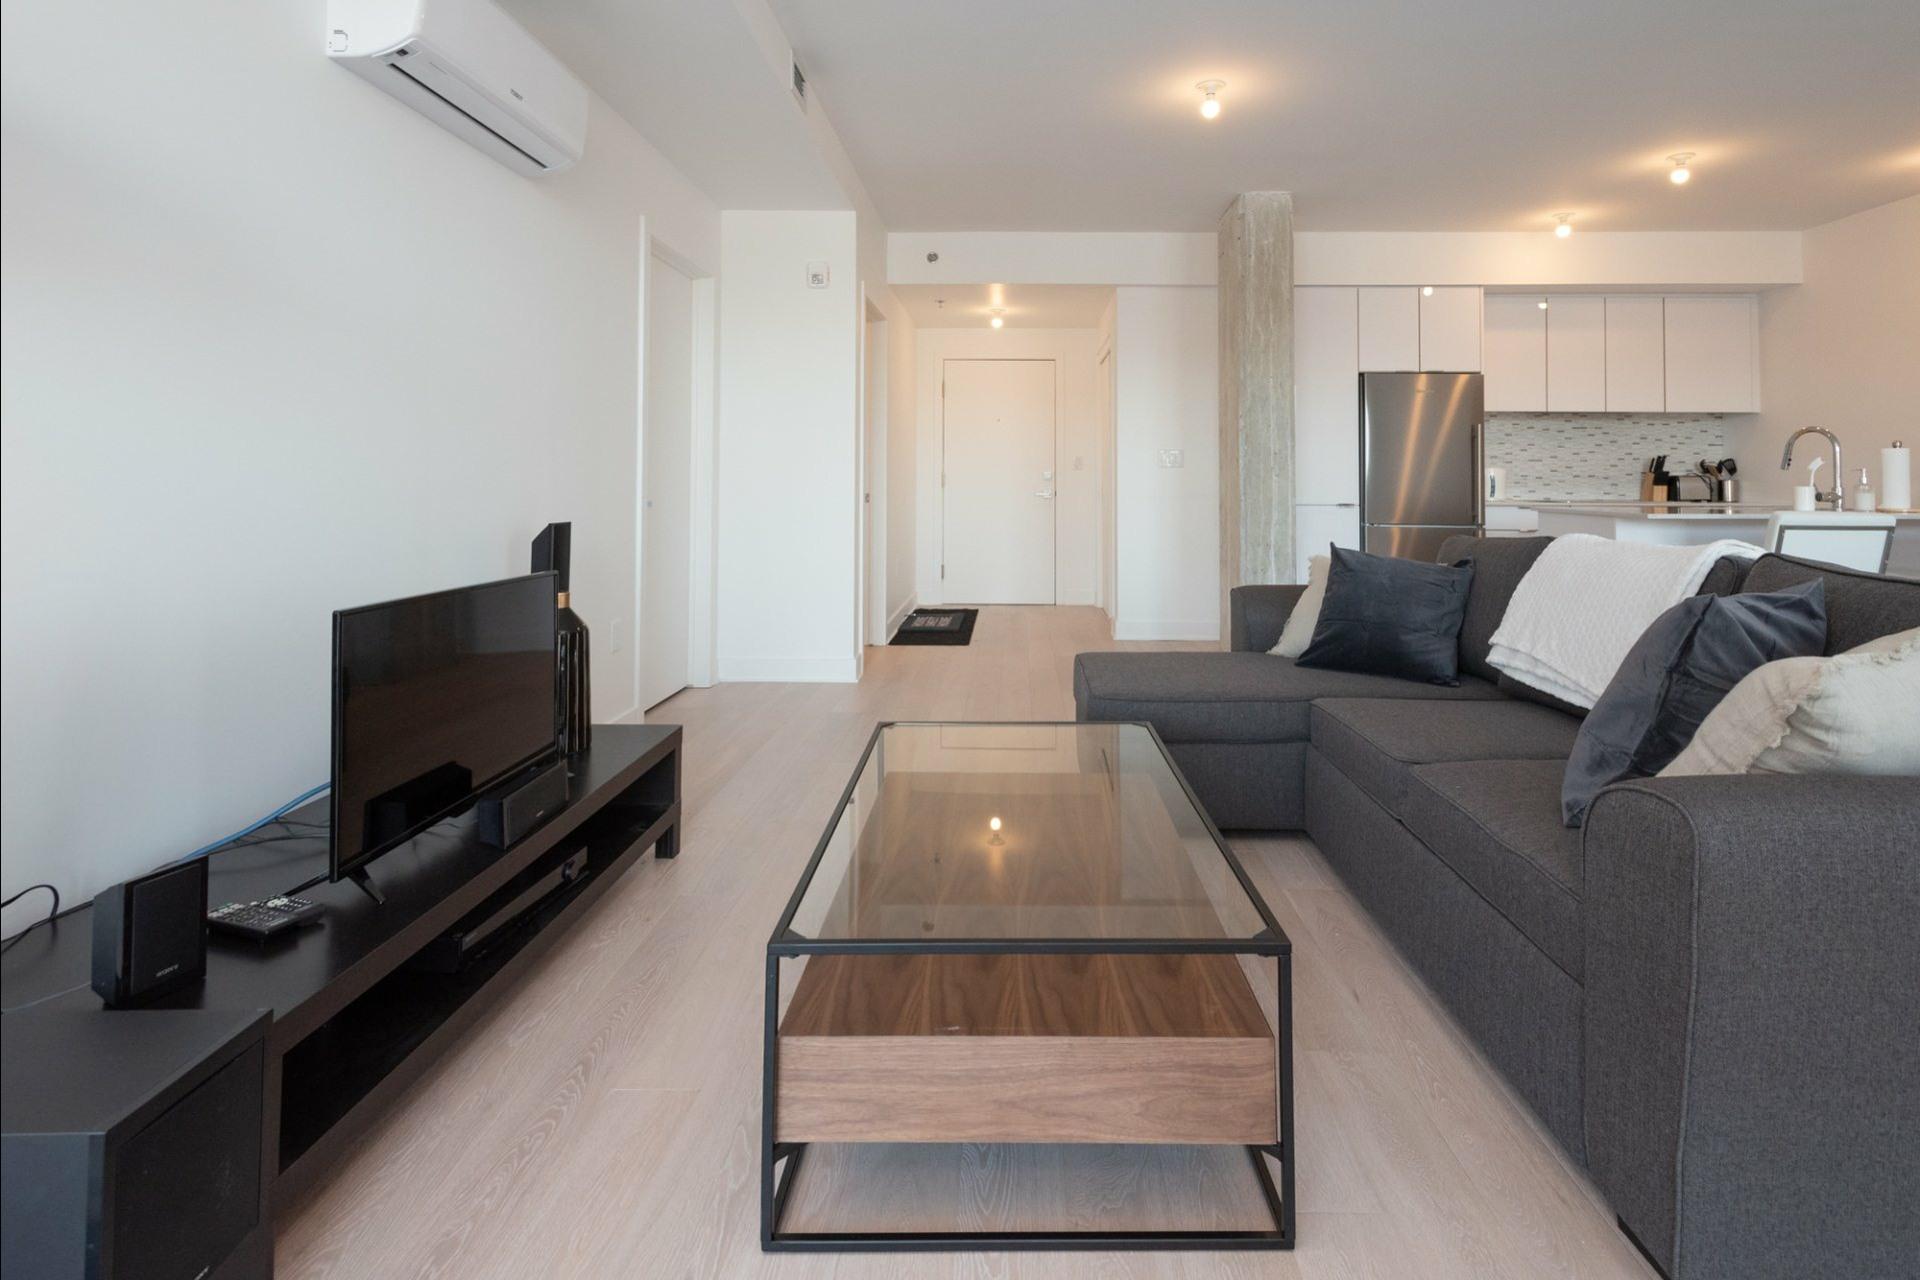 image 4 - Appartement À louer Côte-des-Neiges/Notre-Dame-de-Grâce Montréal  - 5 pièces